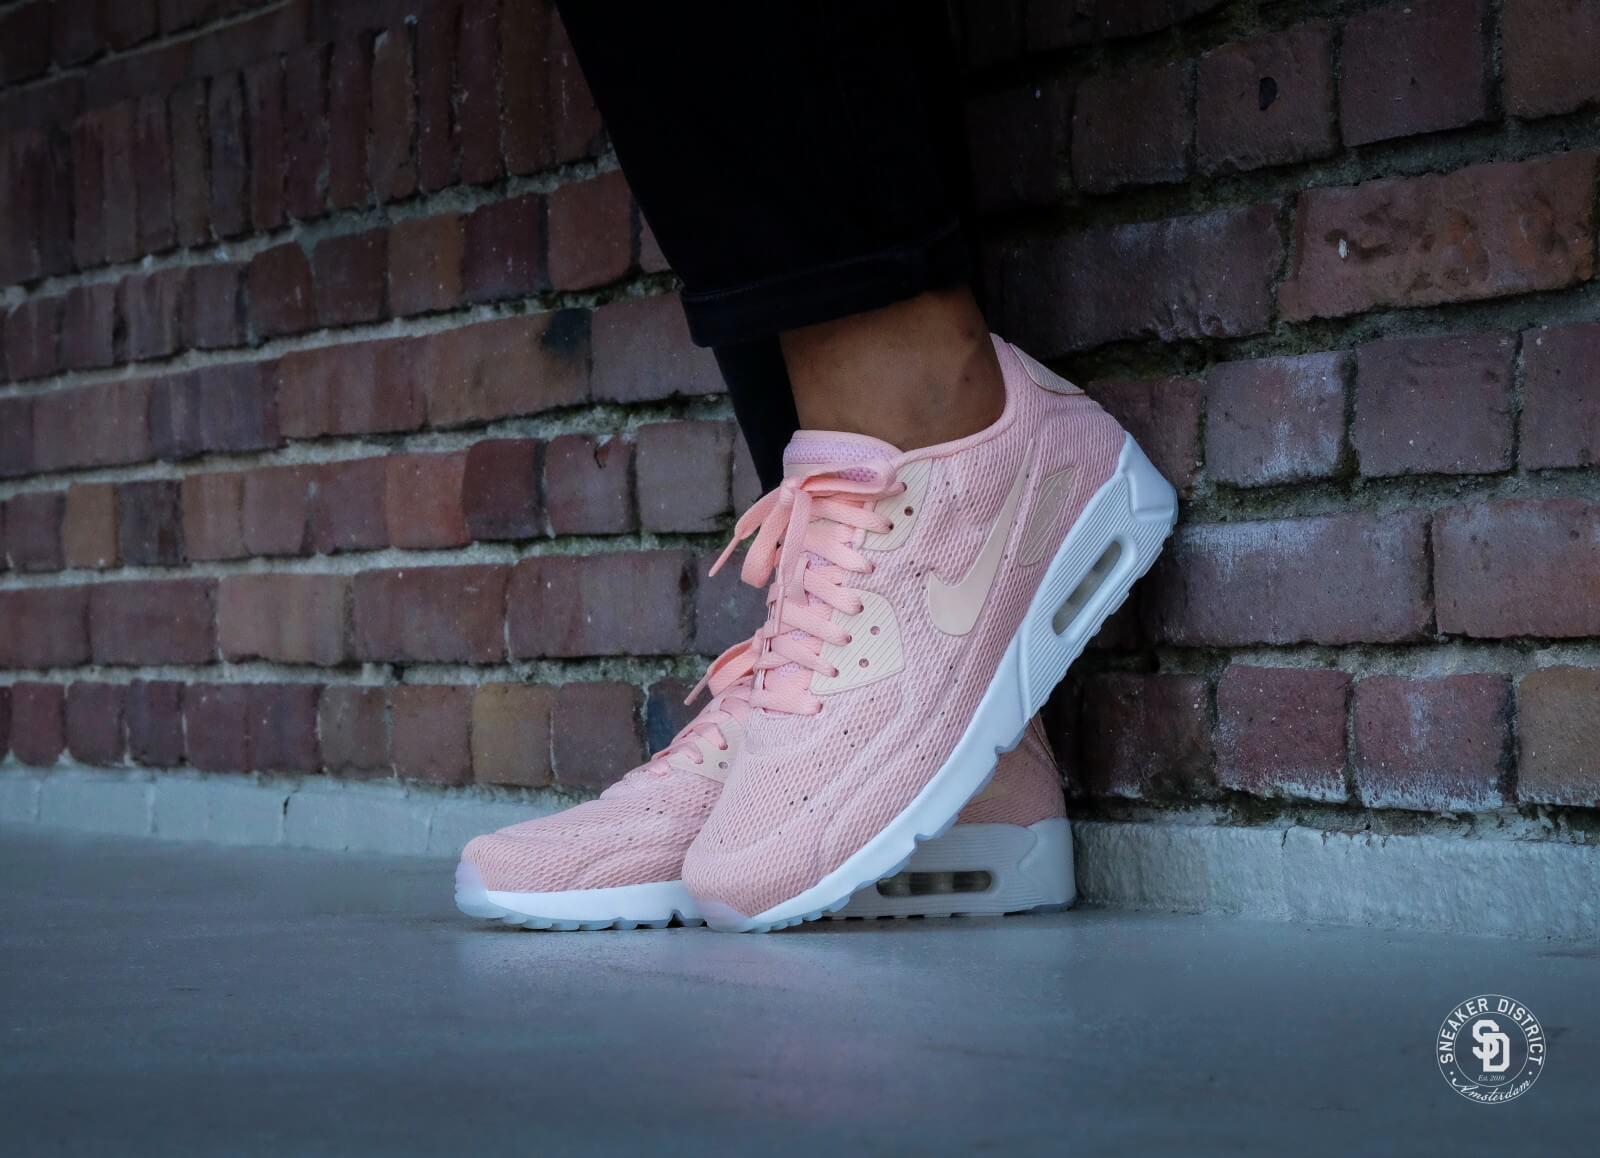 nieuw Air Max 90 ultra 2.0 BR sneakers heren roze in de